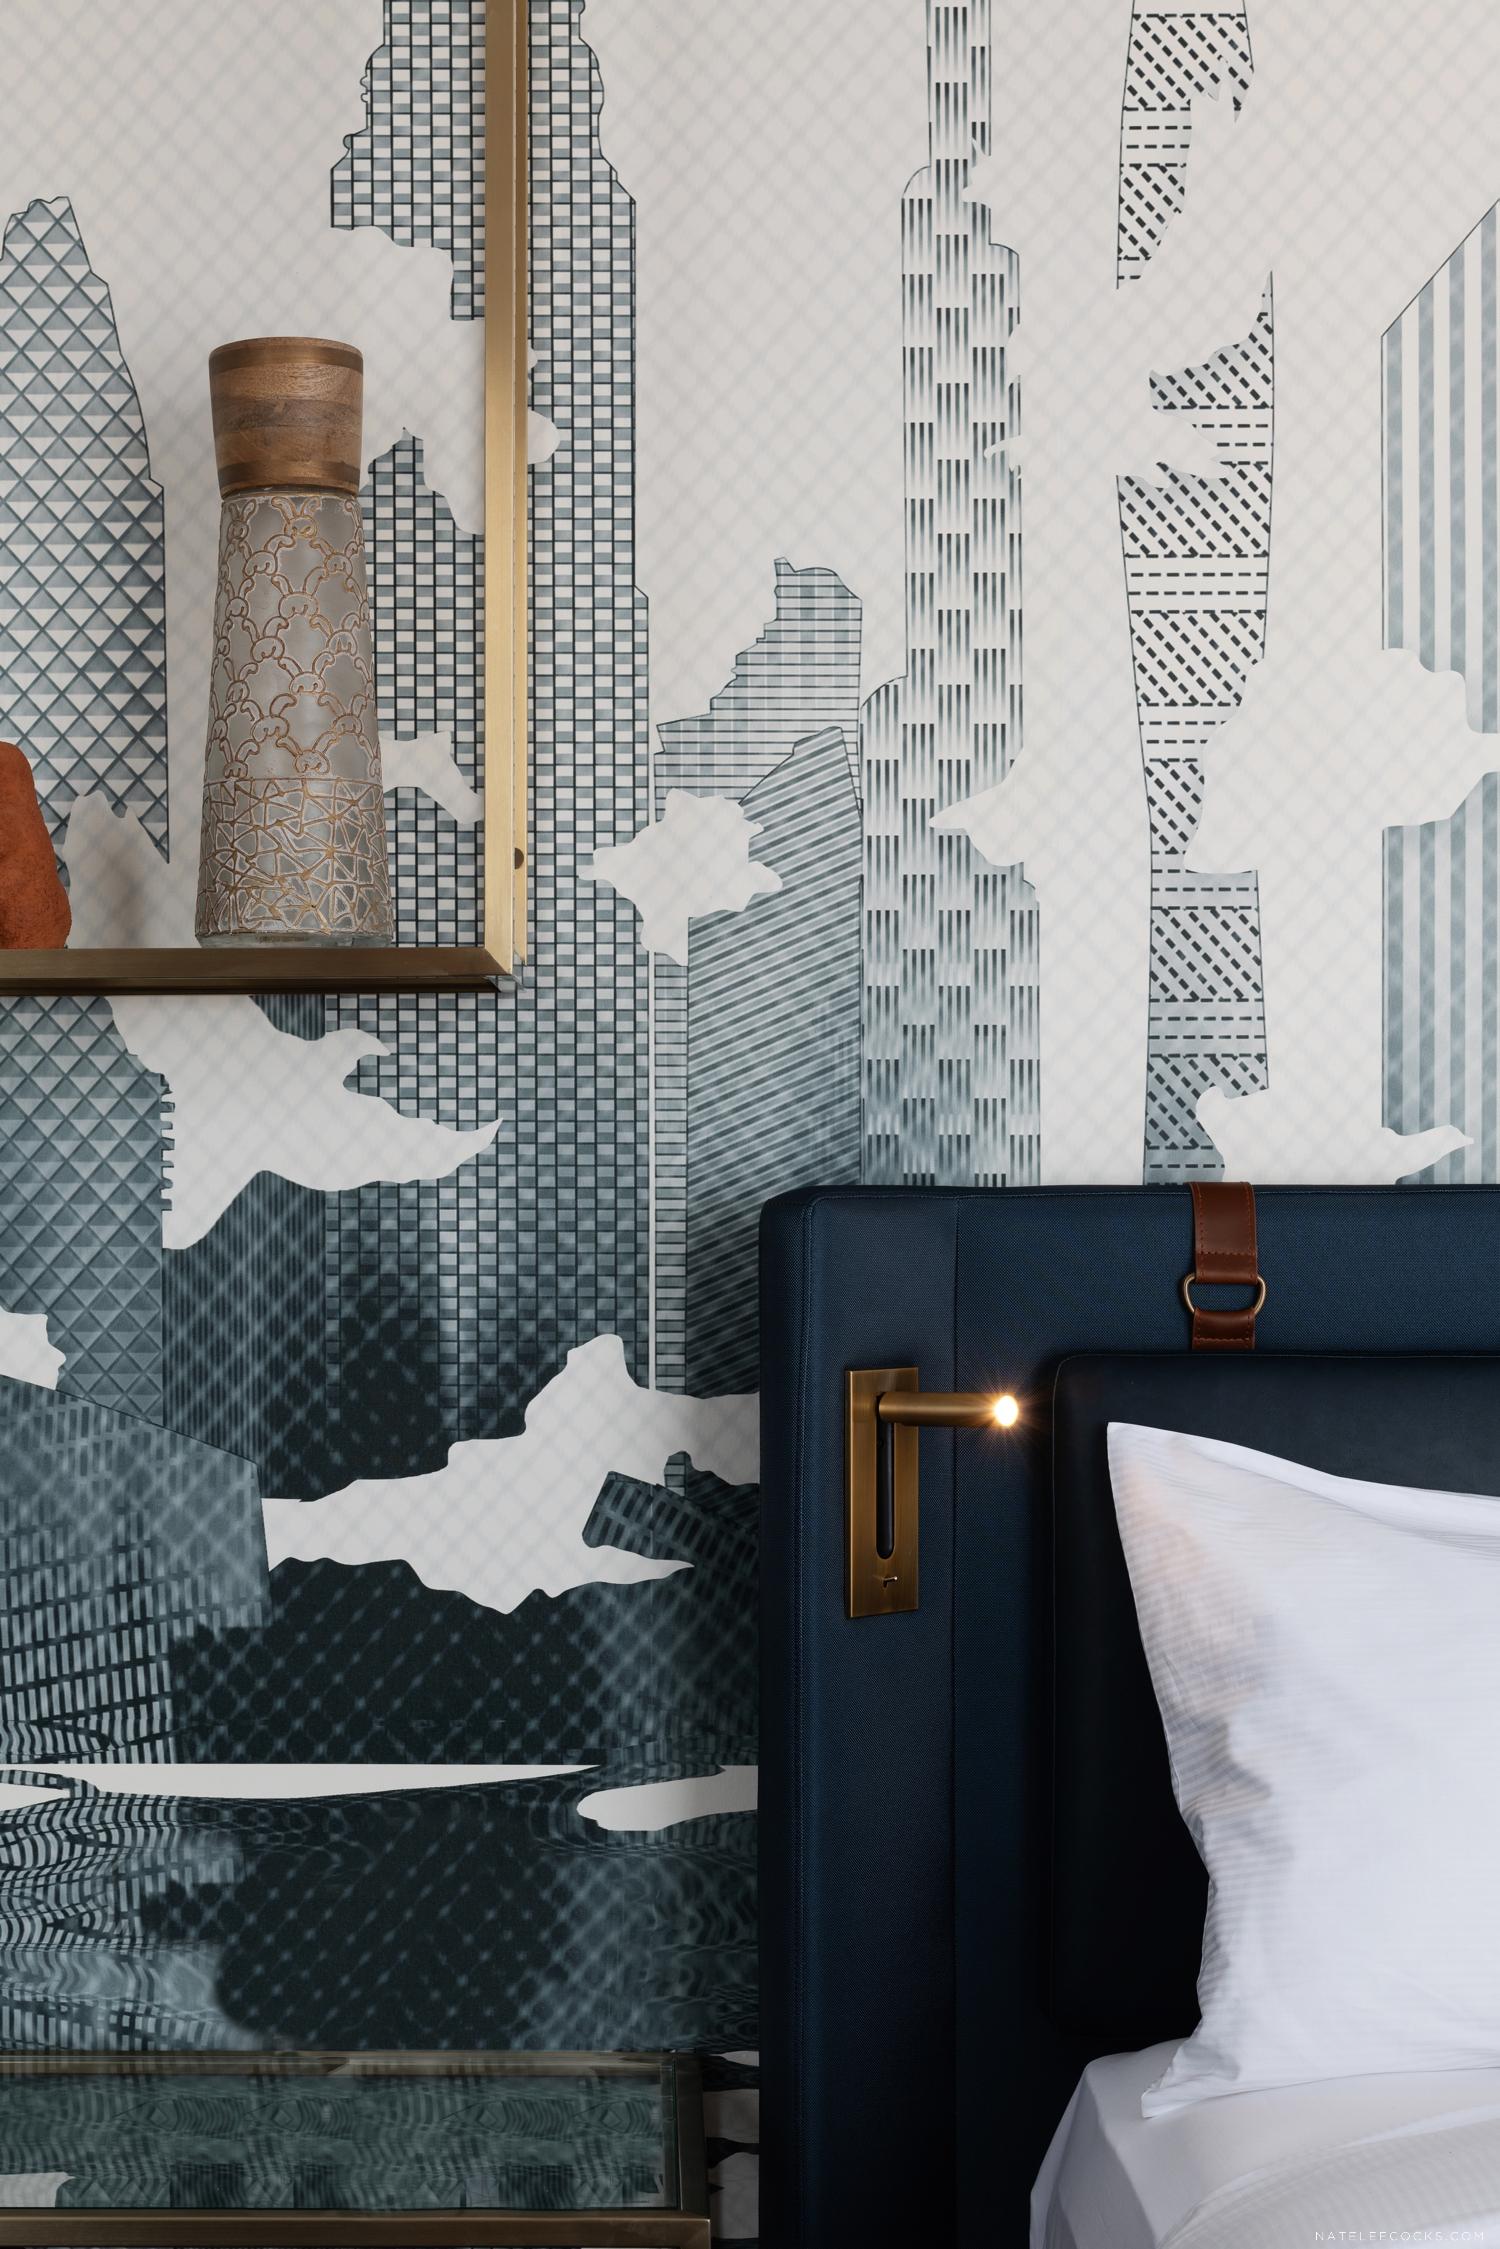 HOTEL INDIGO DOWNTOWN DUBAI | ROOMS DESIGN